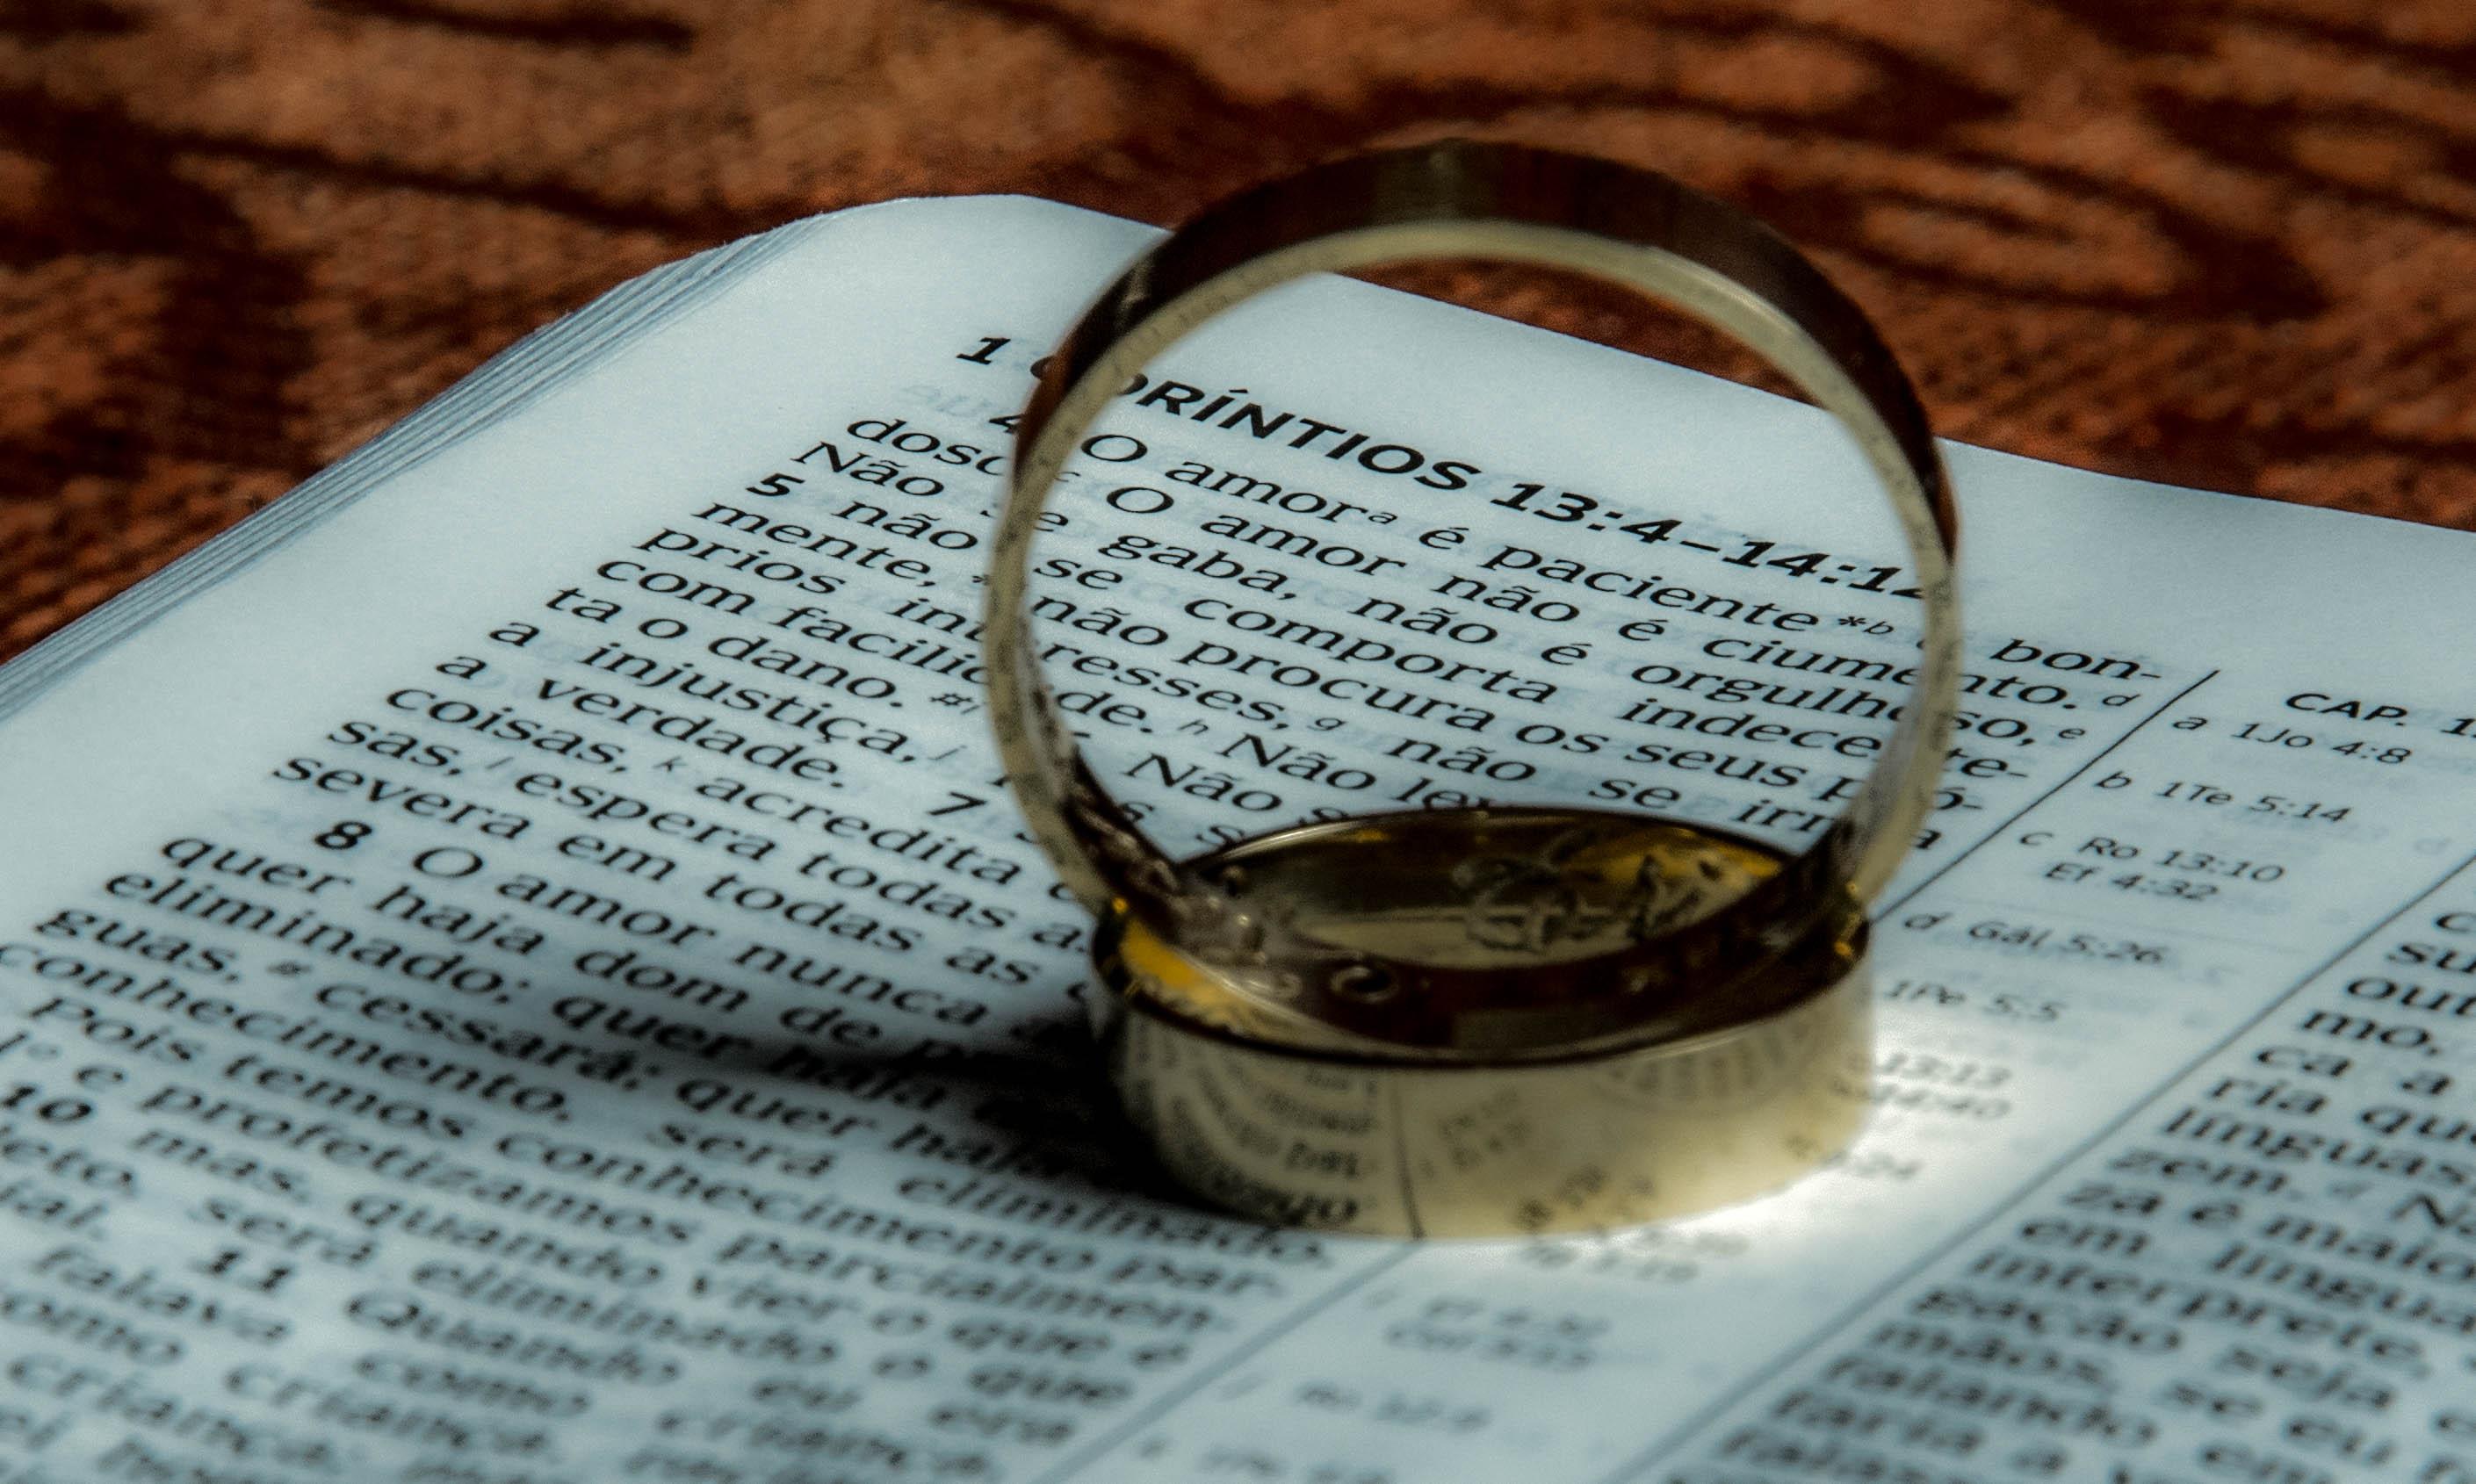 Fotografia de casamento Vitoria ES - Find a Click Fotografia casamento ES-2